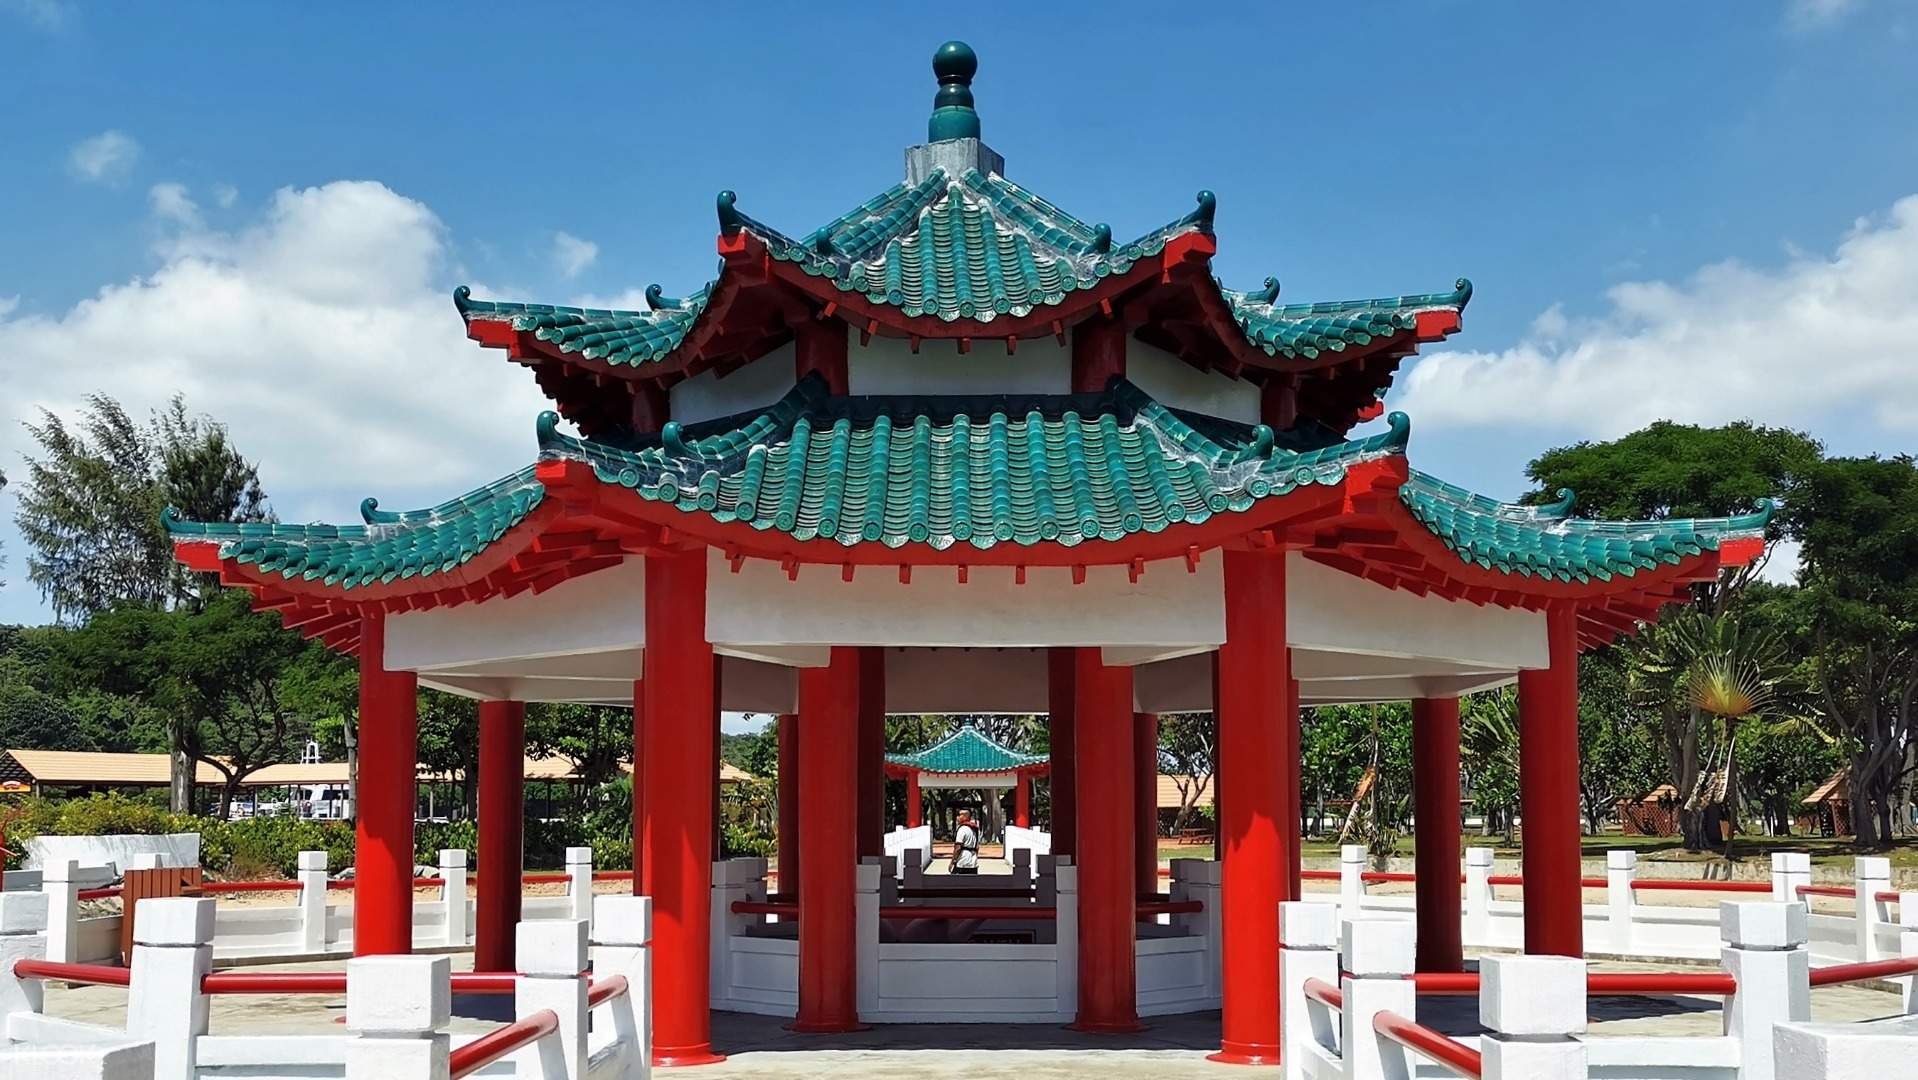 交通船票】共乘渡轮接送新加坡- 圣约翰岛- 龟屿- Klook客路中国